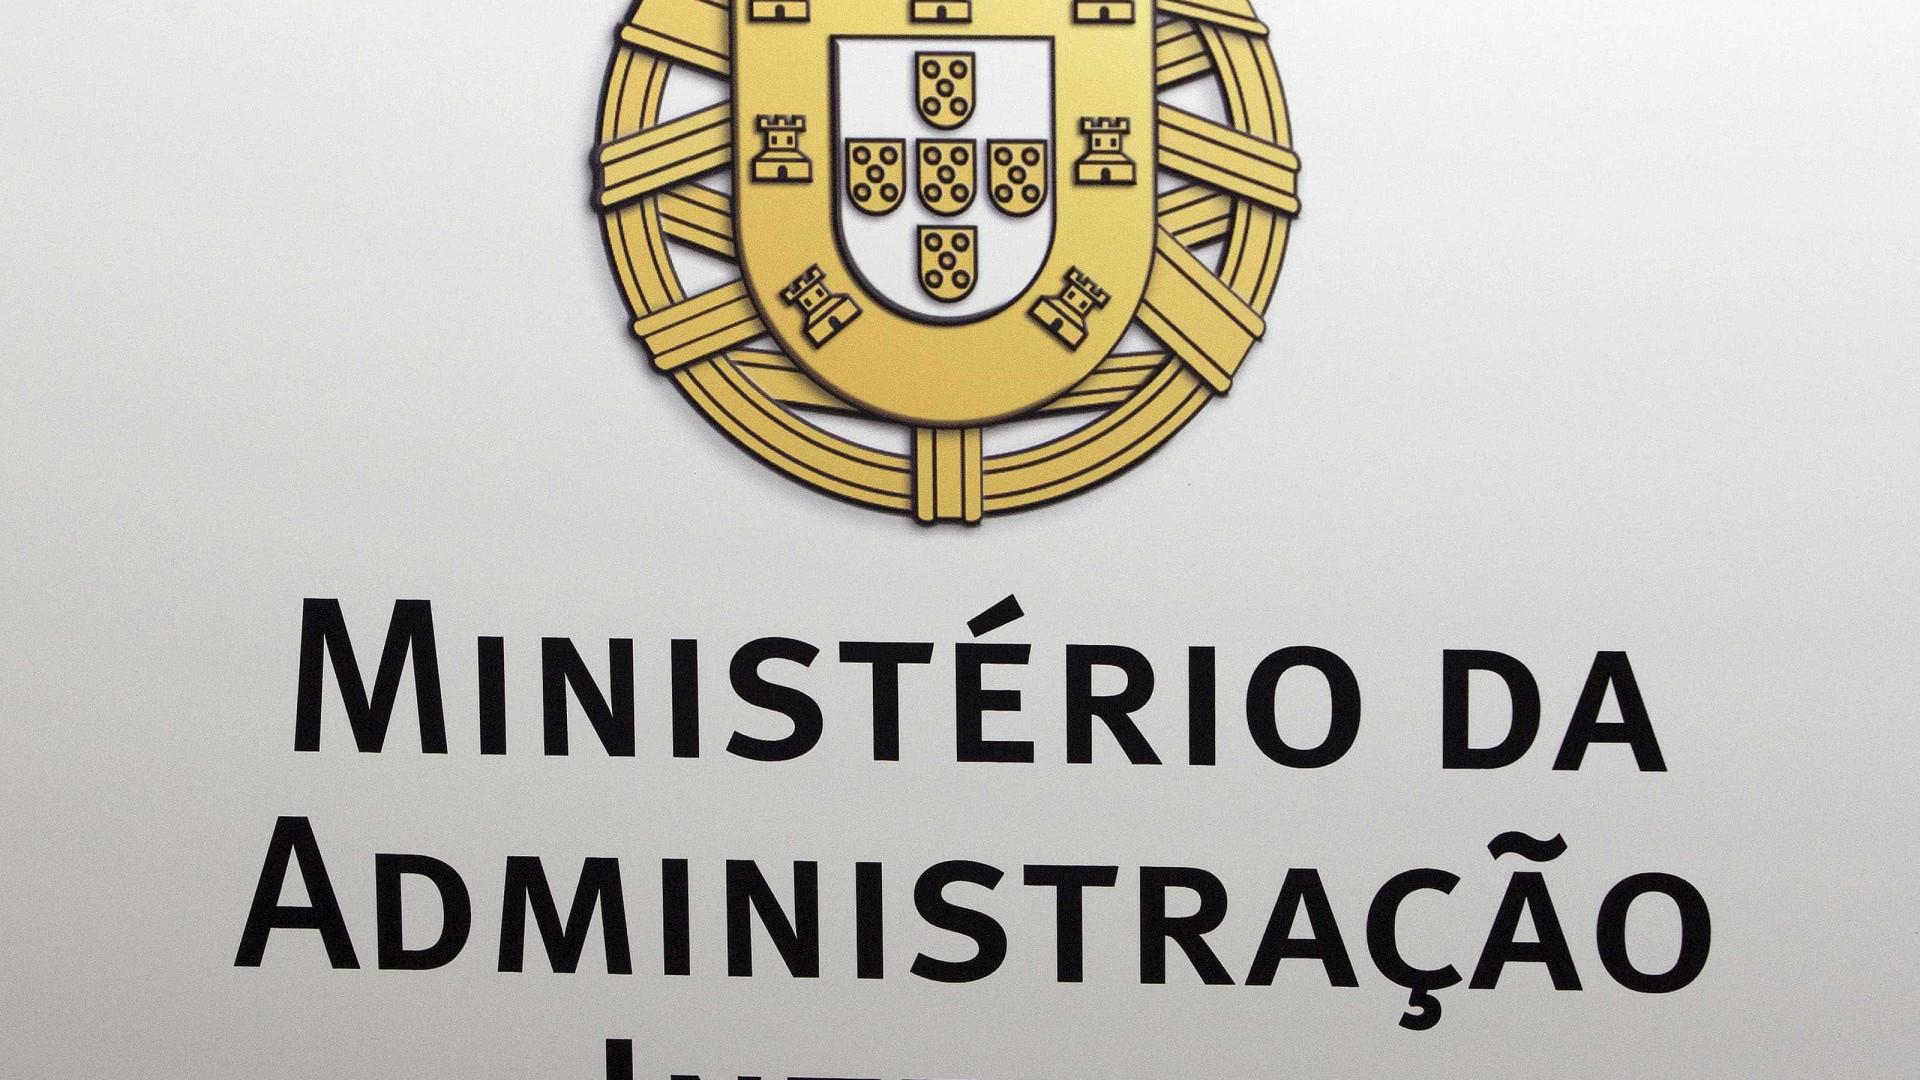 Estrangeiros condenados por crimes violentos podem receber vistos de residência